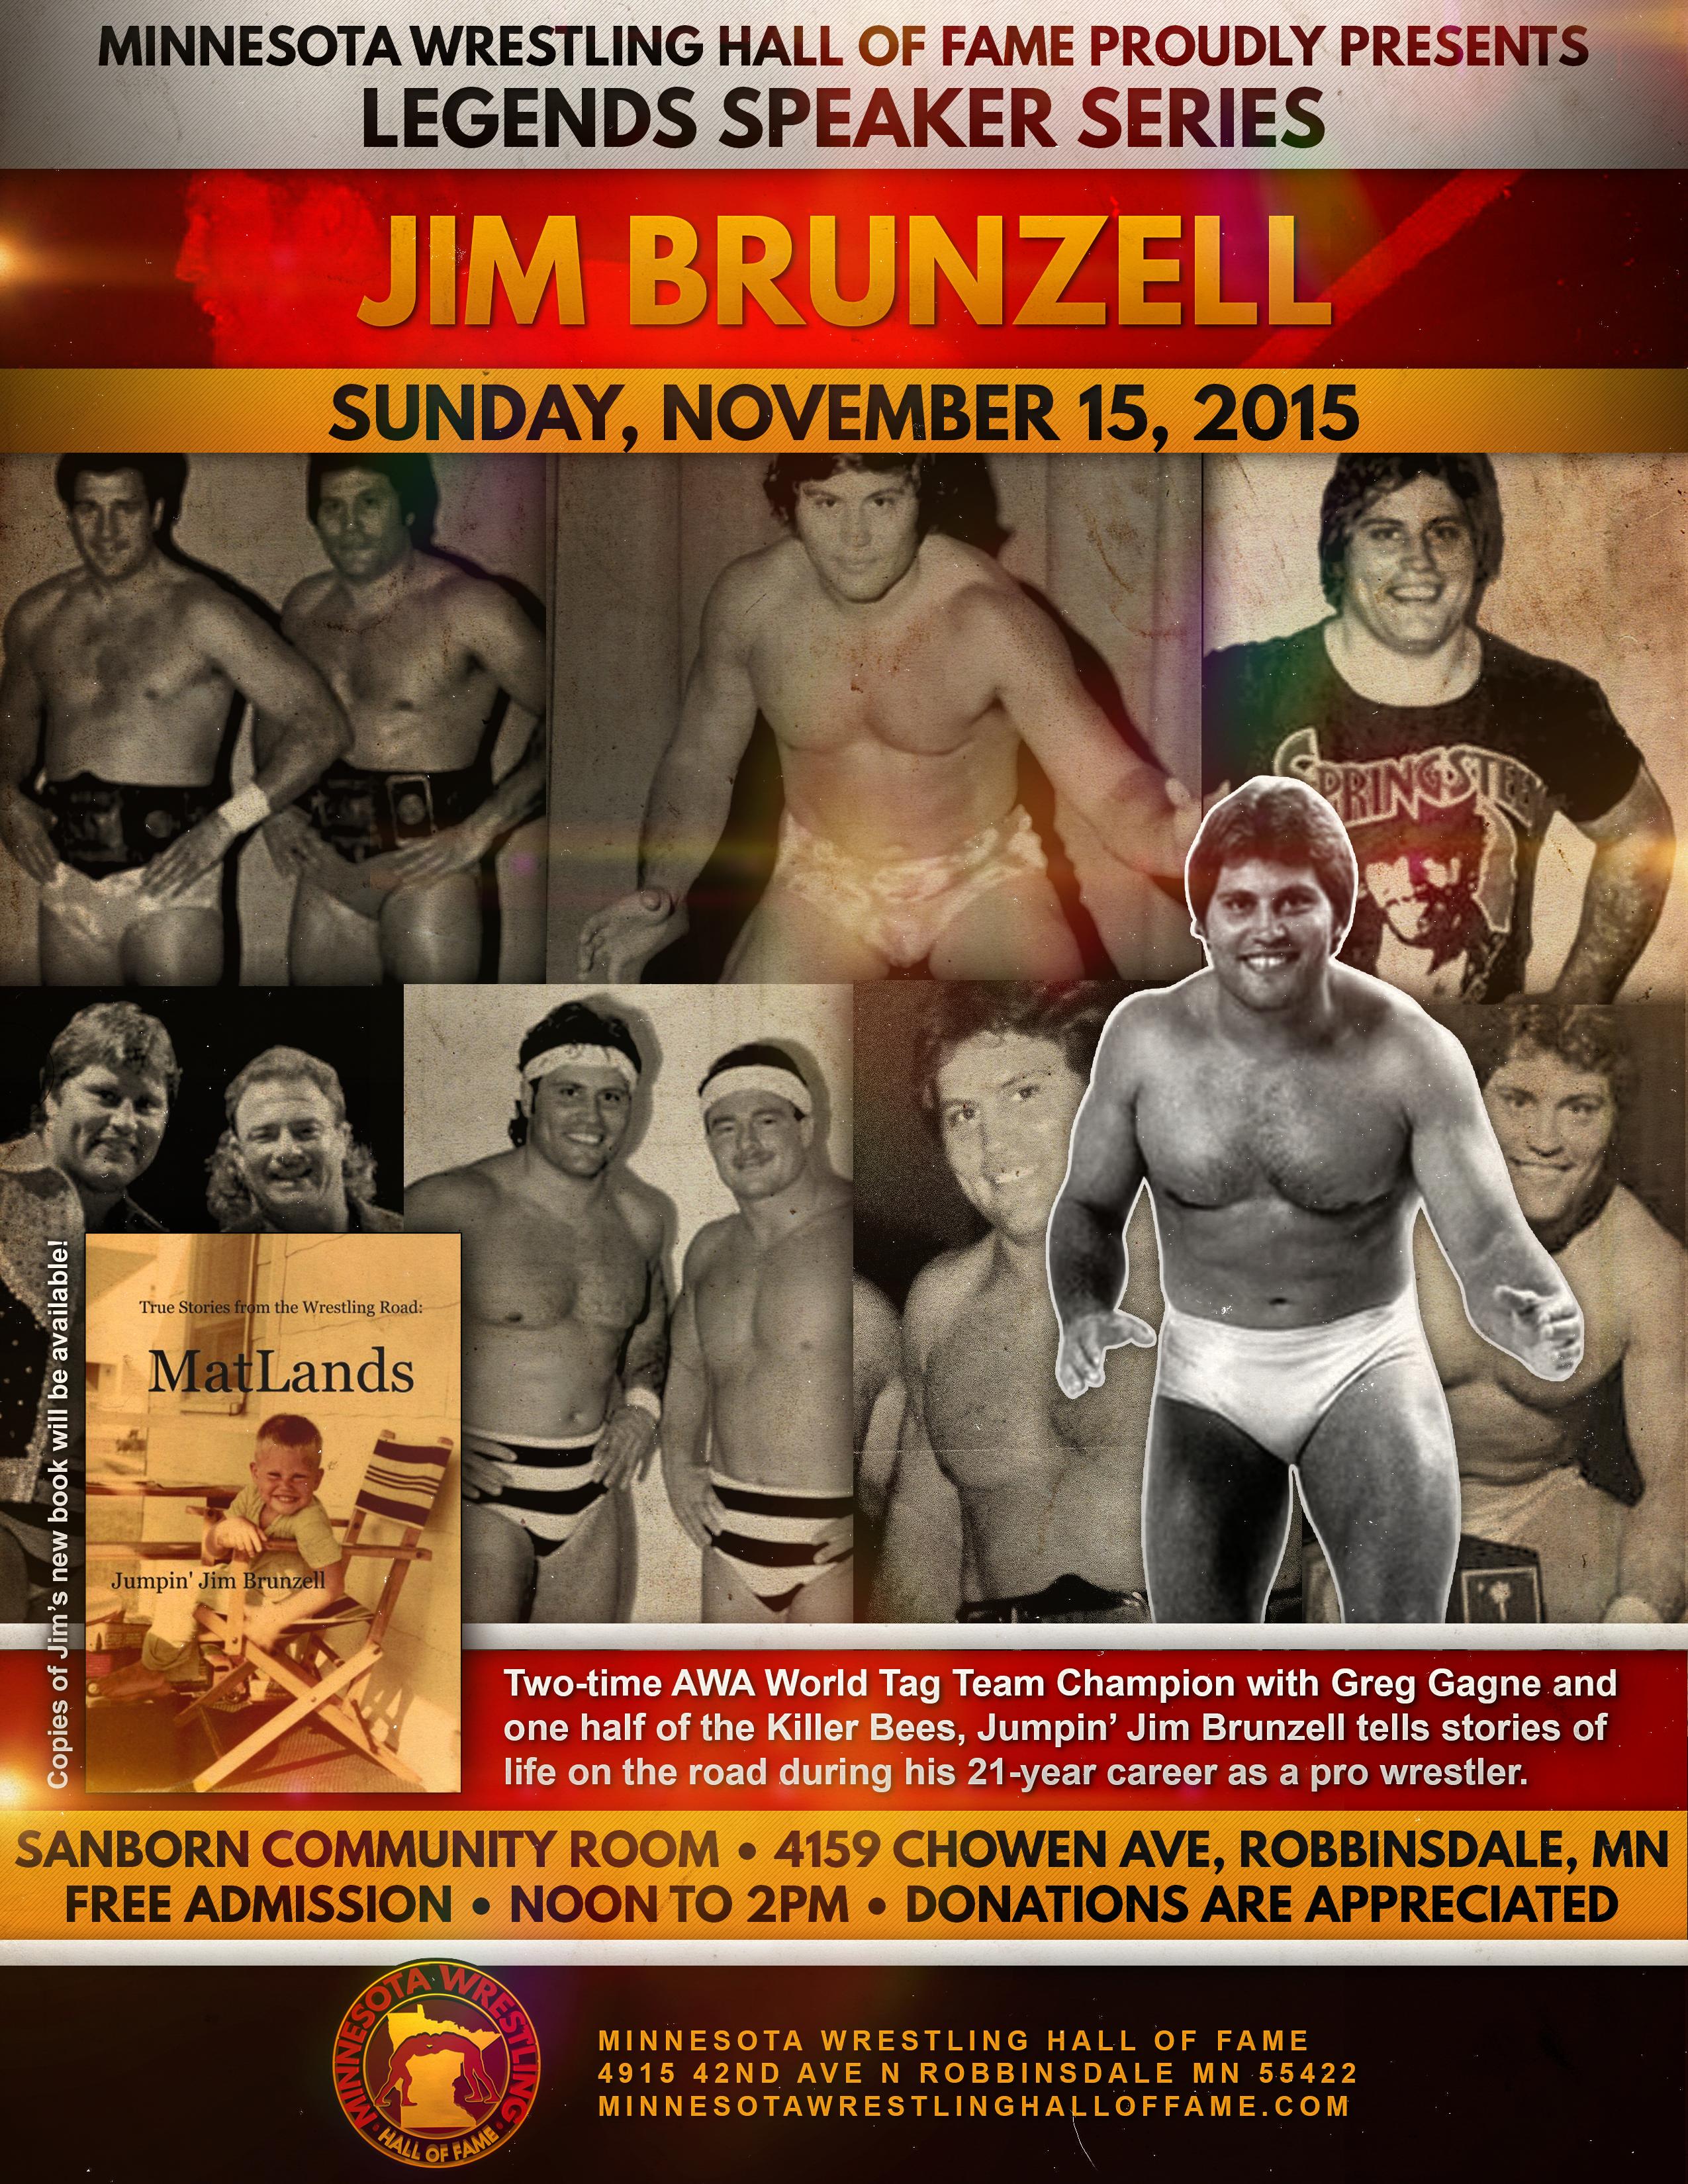 MN Wrestling HoF - Jim Brunzell (1)